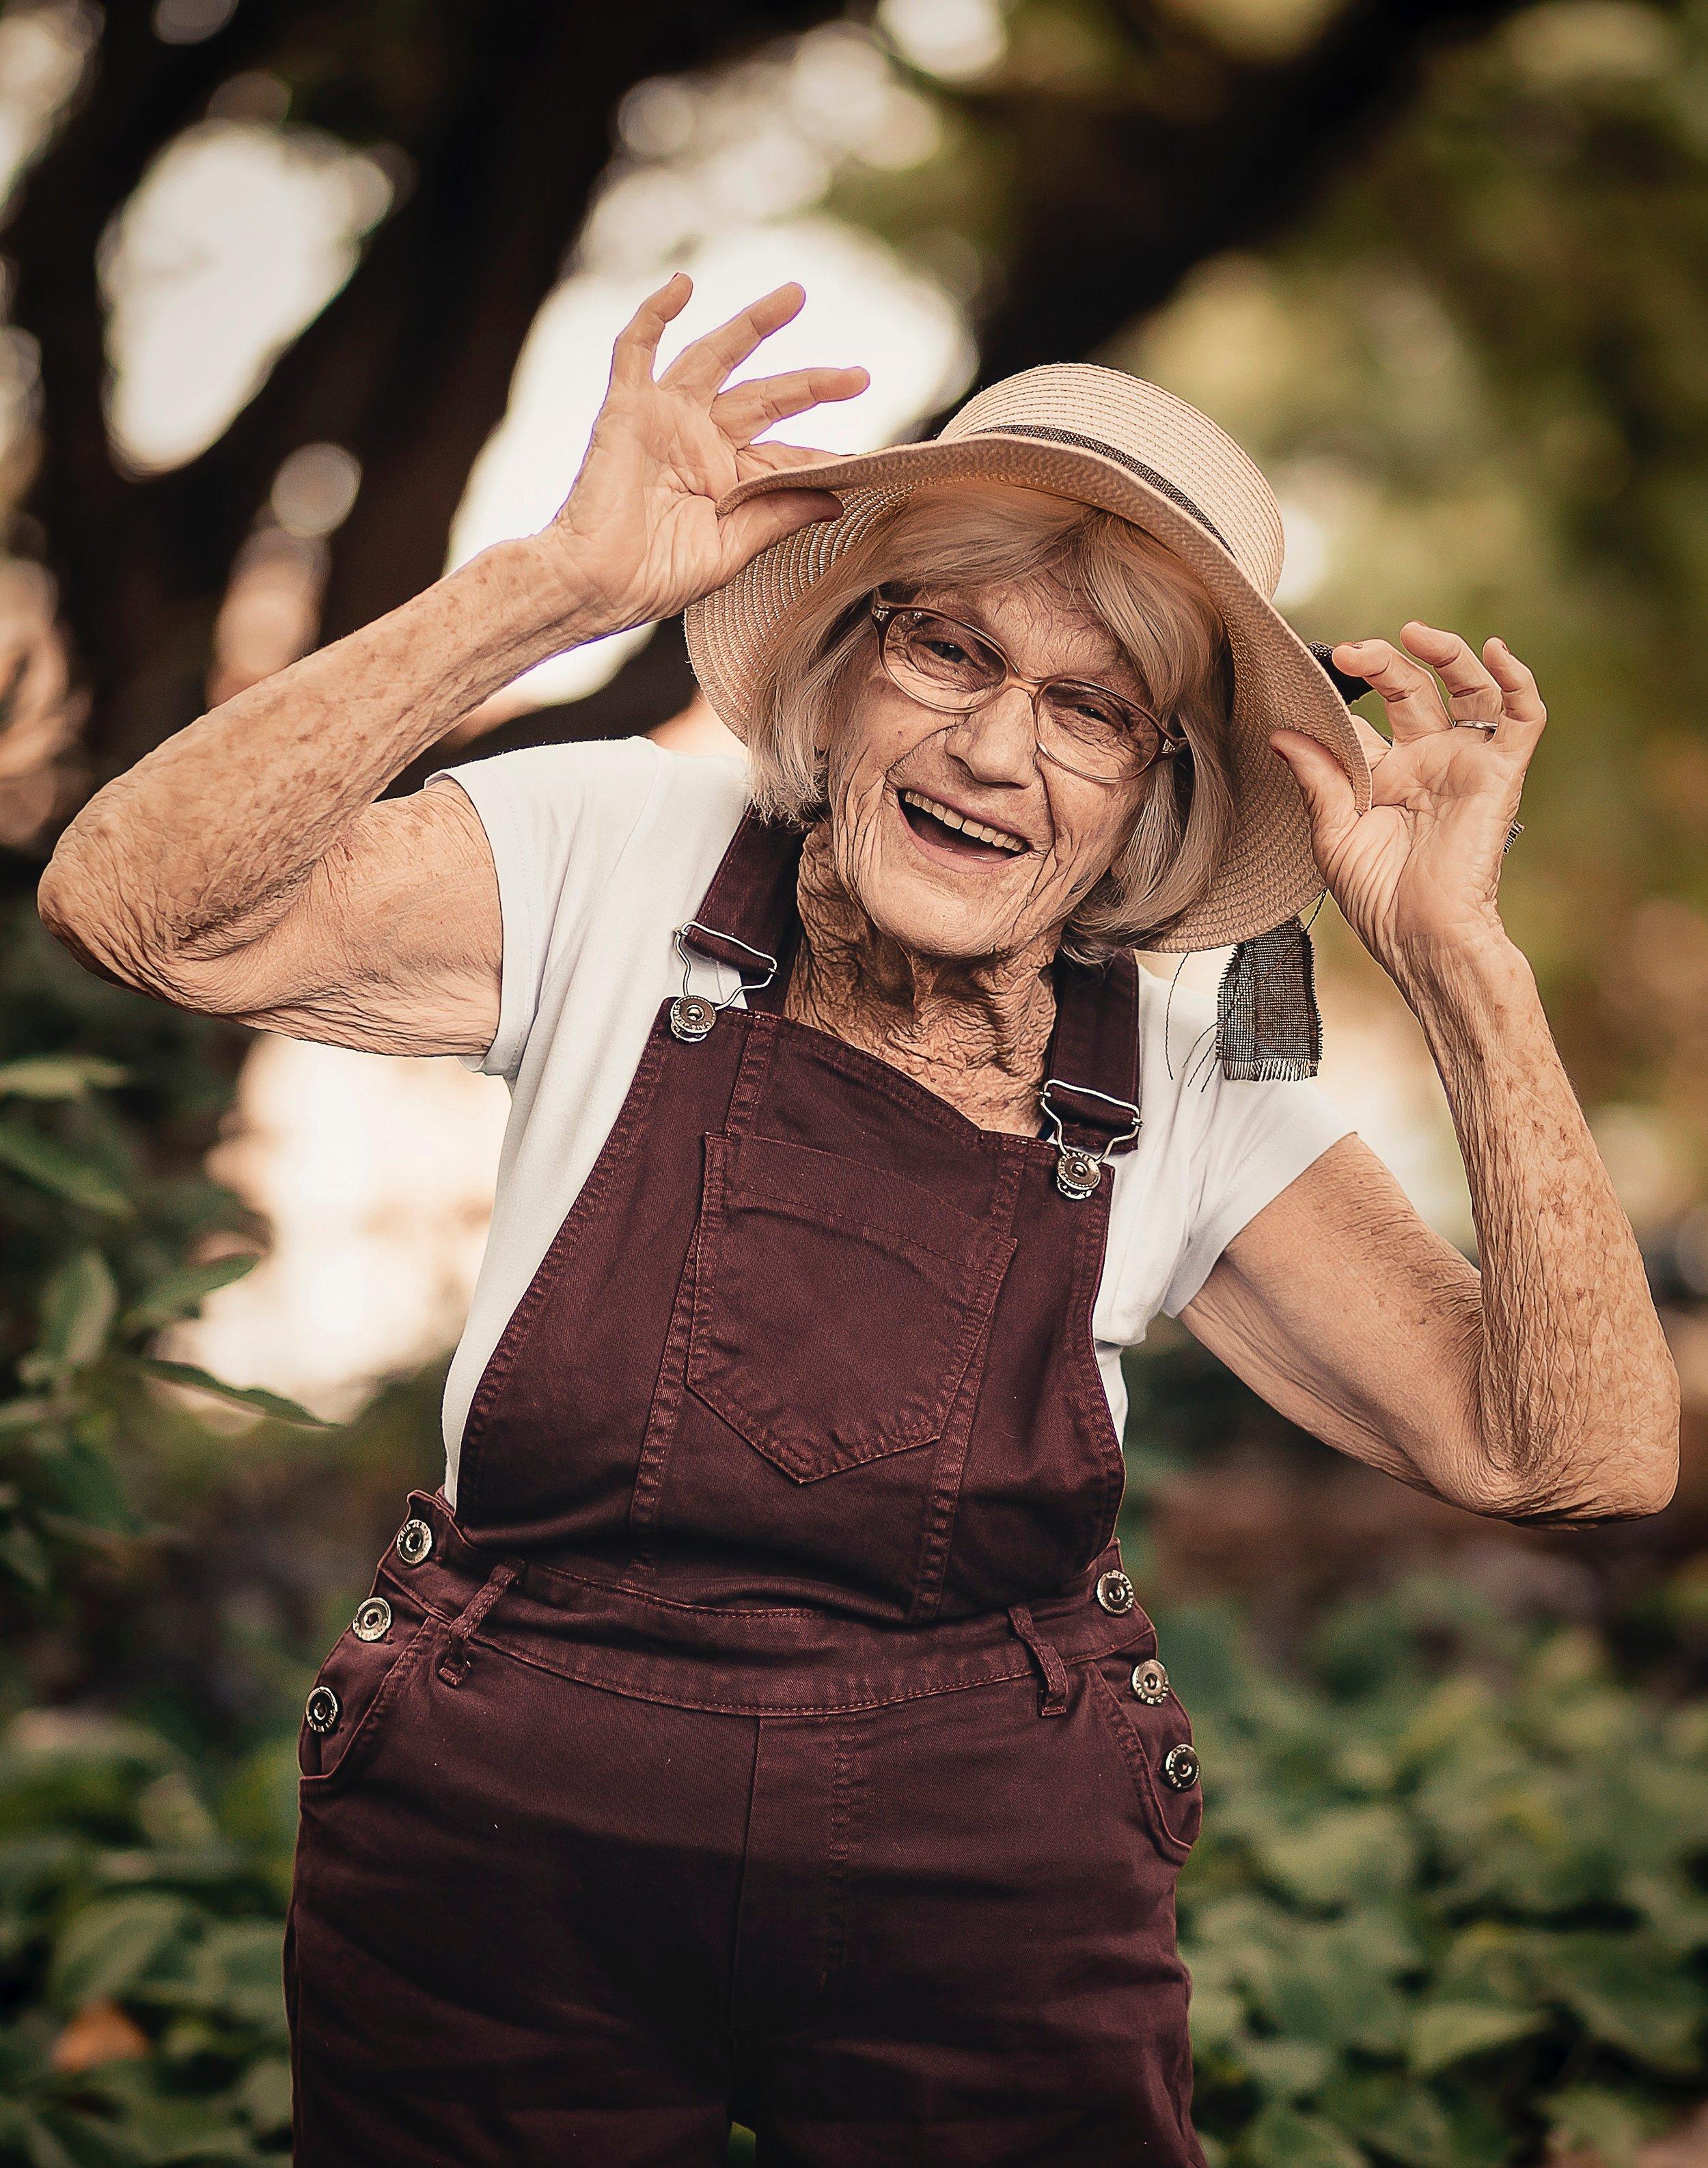 elder-elderly-facial-expression-2050976.jpg